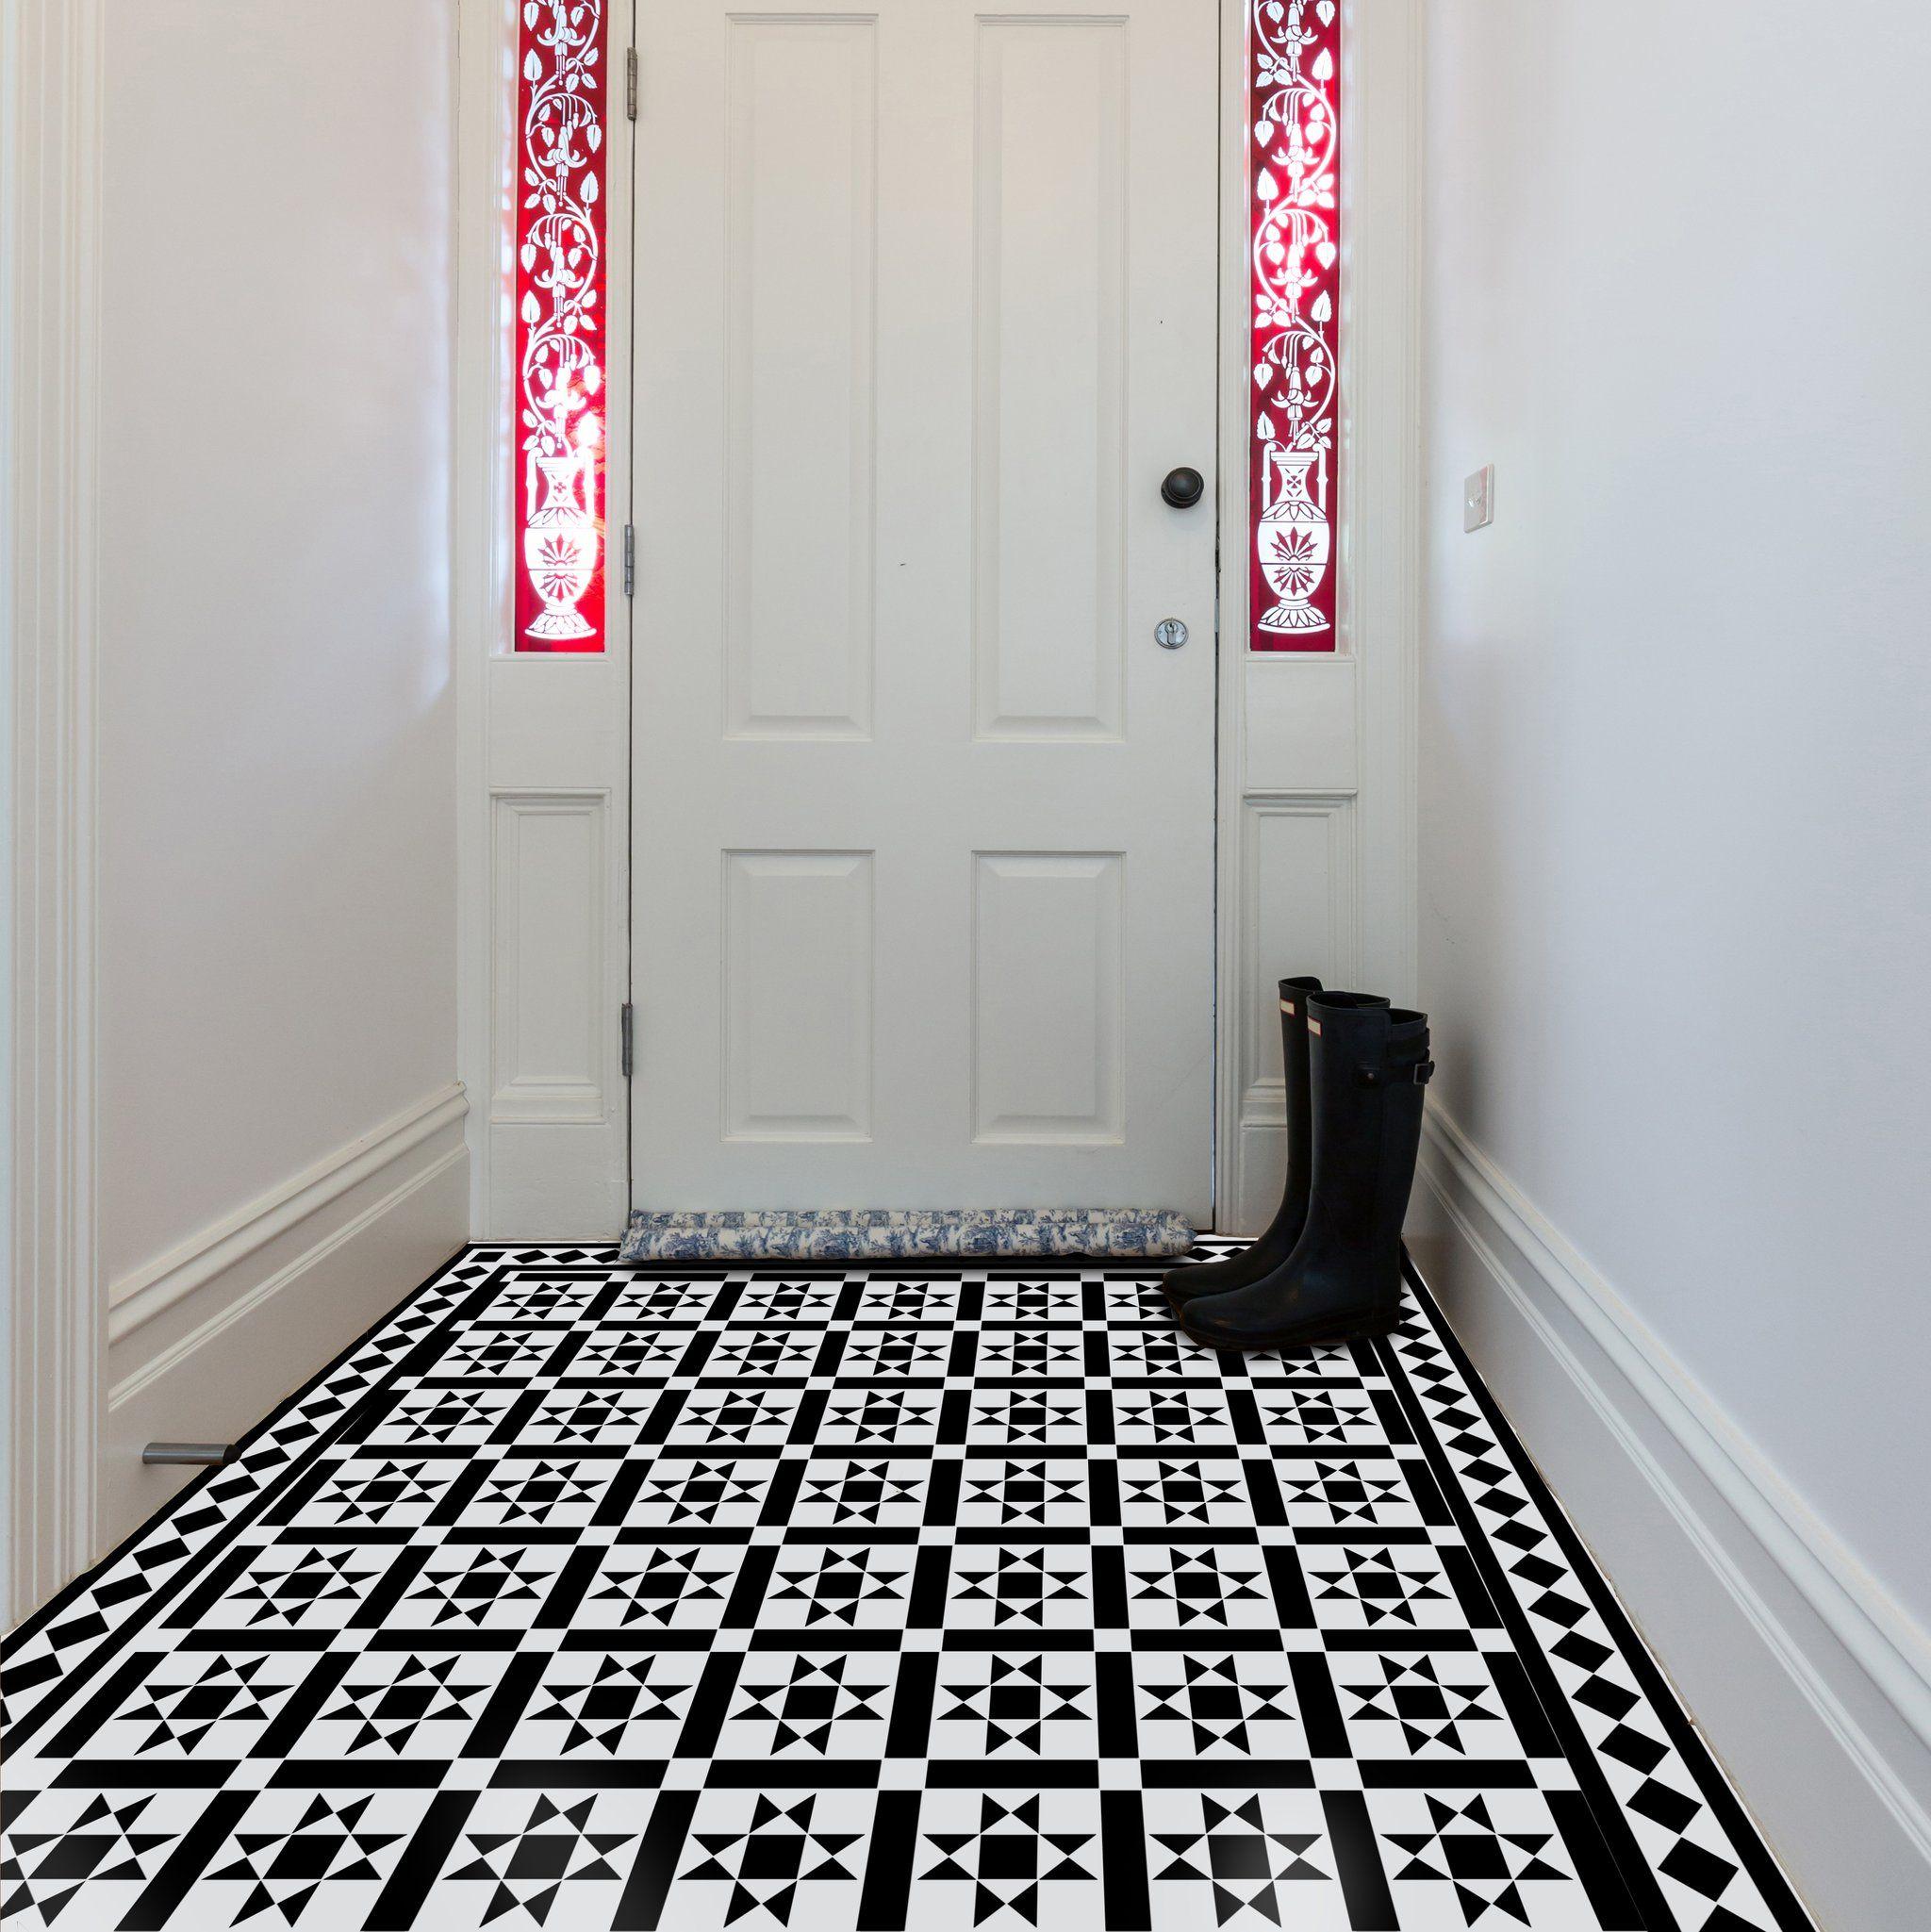 KENSINGTON TILE Stencil Tile stencil, Tile floor diy